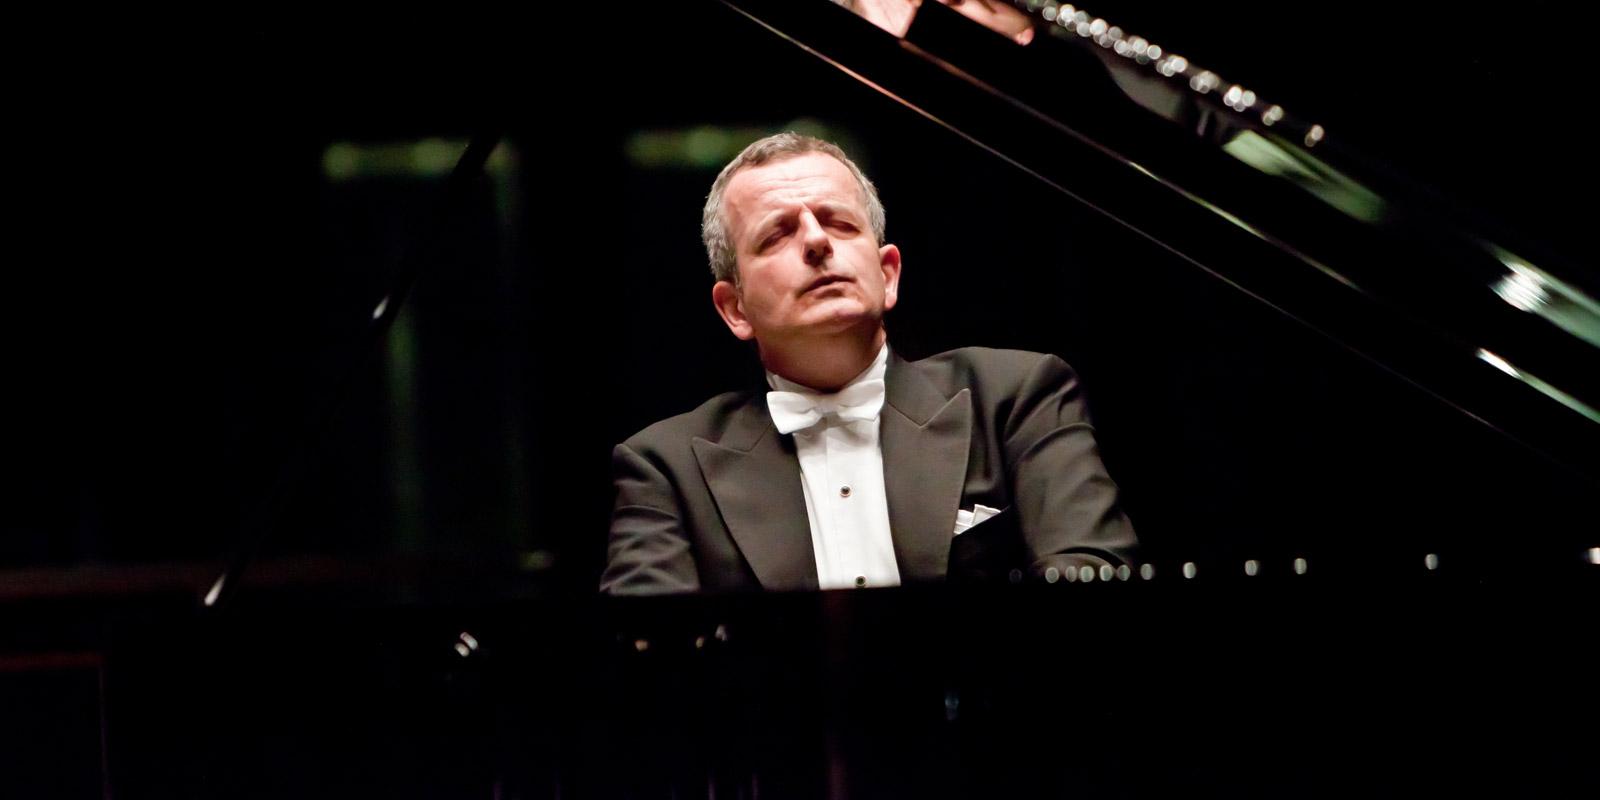 Klavierabend im Rahmen der Mindener Mittwochskonzerte